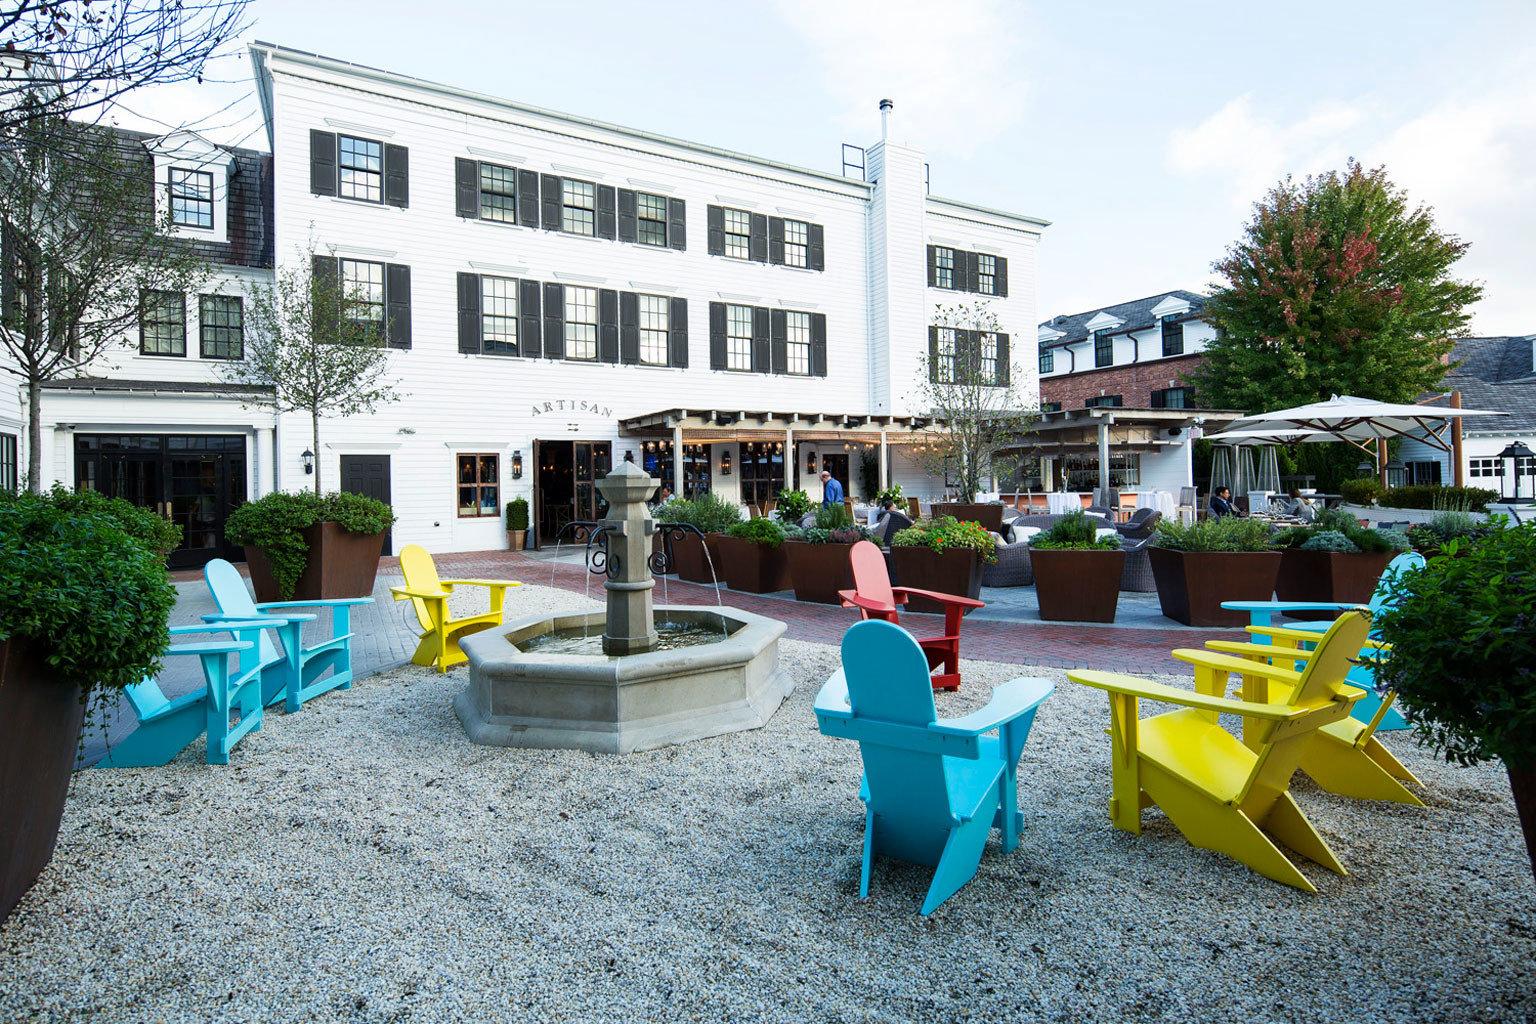 ground neighbourhood plaza Resort town square condominium backyard Courtyard